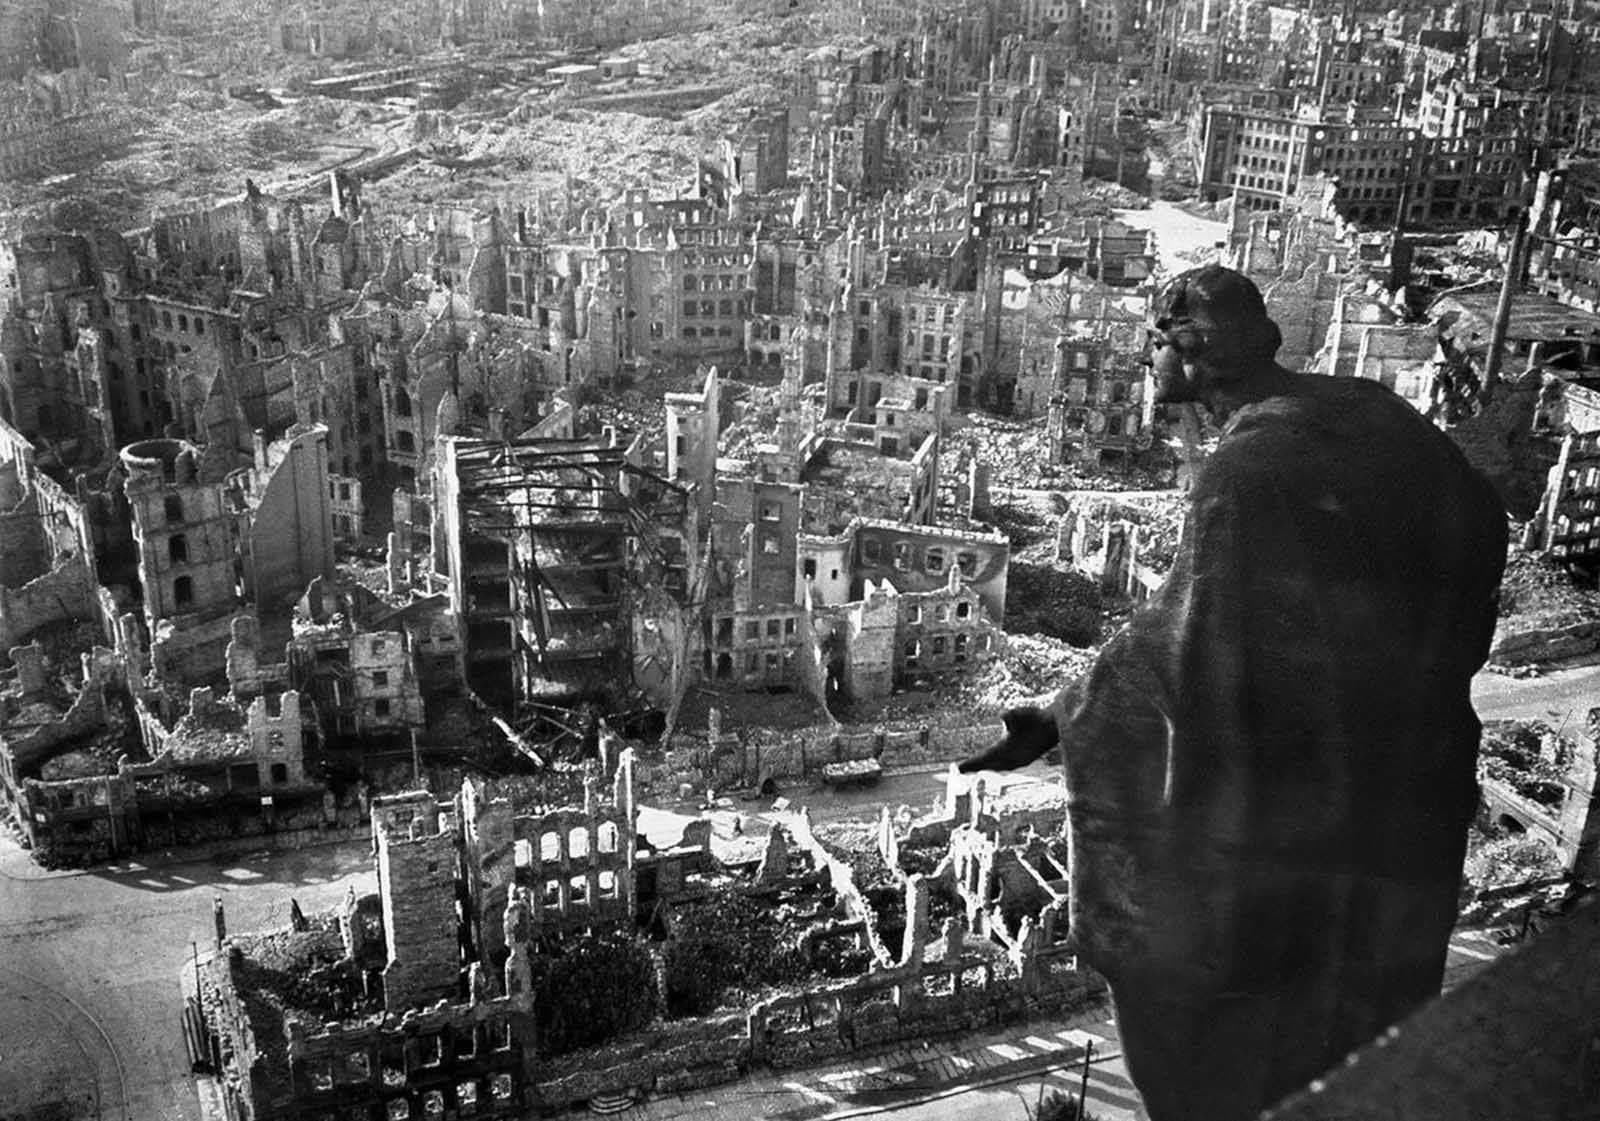 Last_days_of_Nazi_Germany (18).jpg